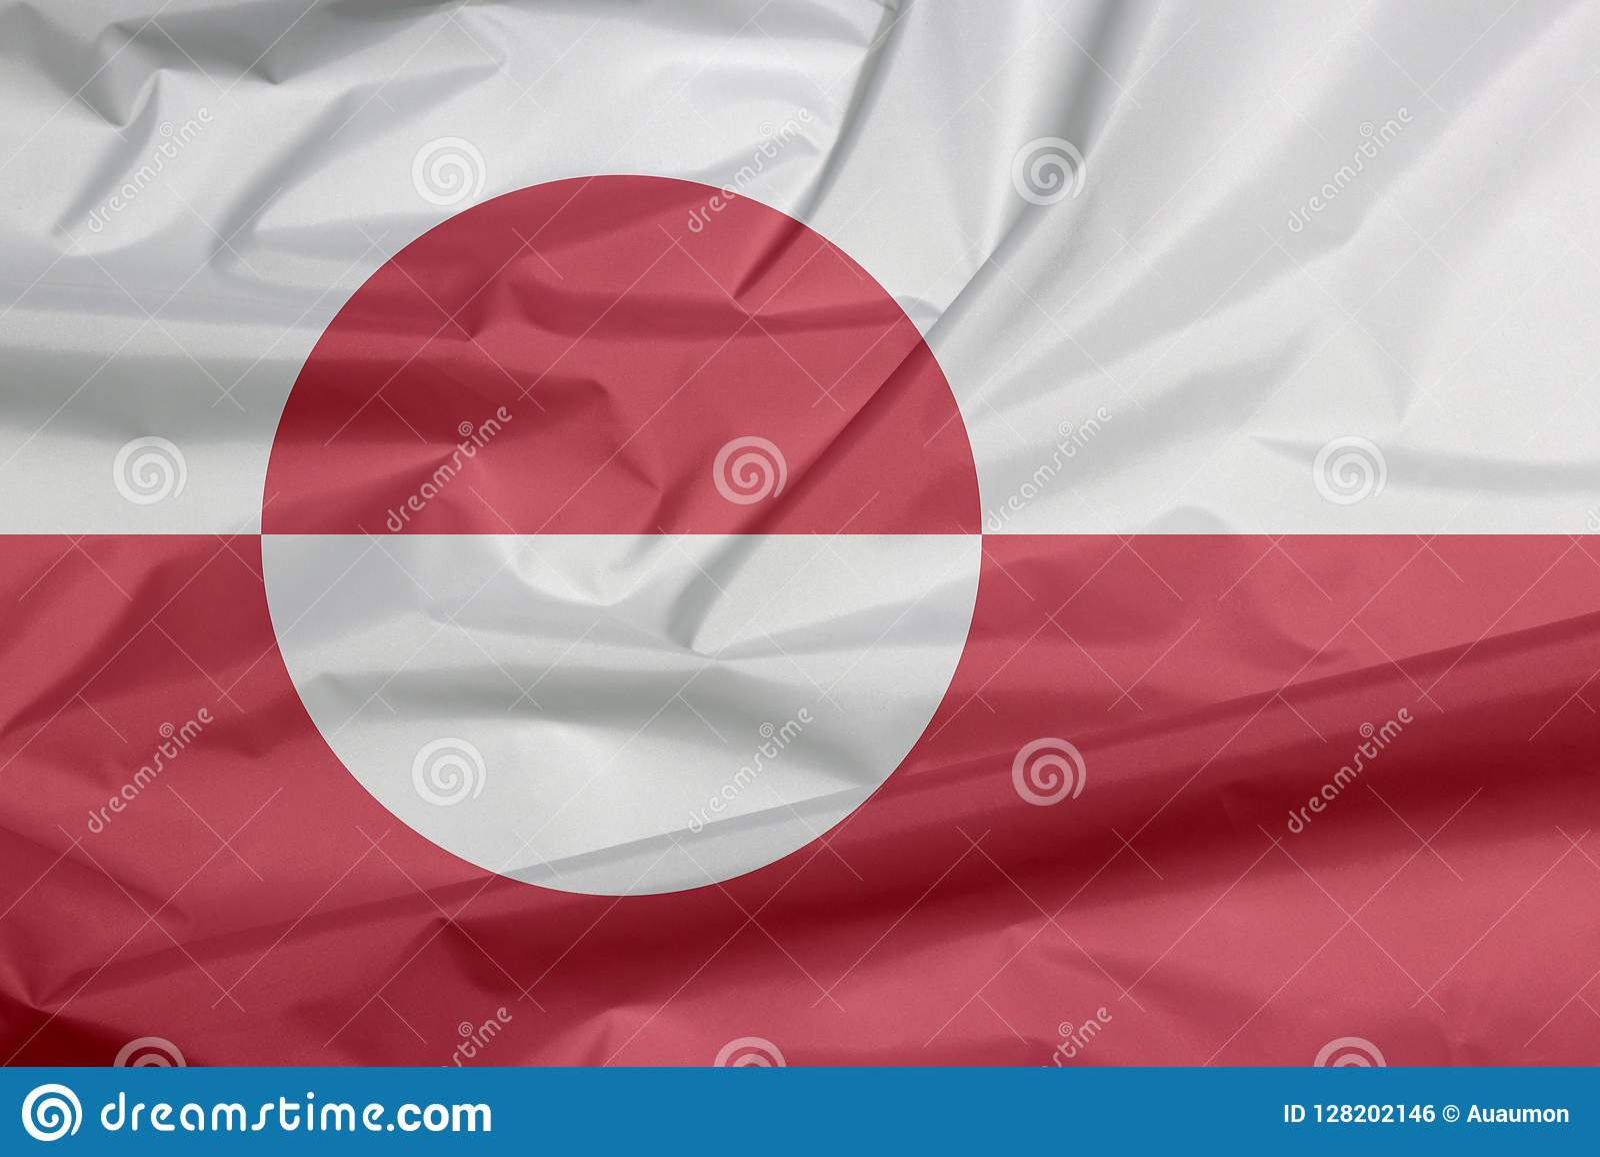 Σημαία υφάσματος της Γροιλανδίας Πτυχή του υποβάθρου σημαιών της Γροιλανδίας